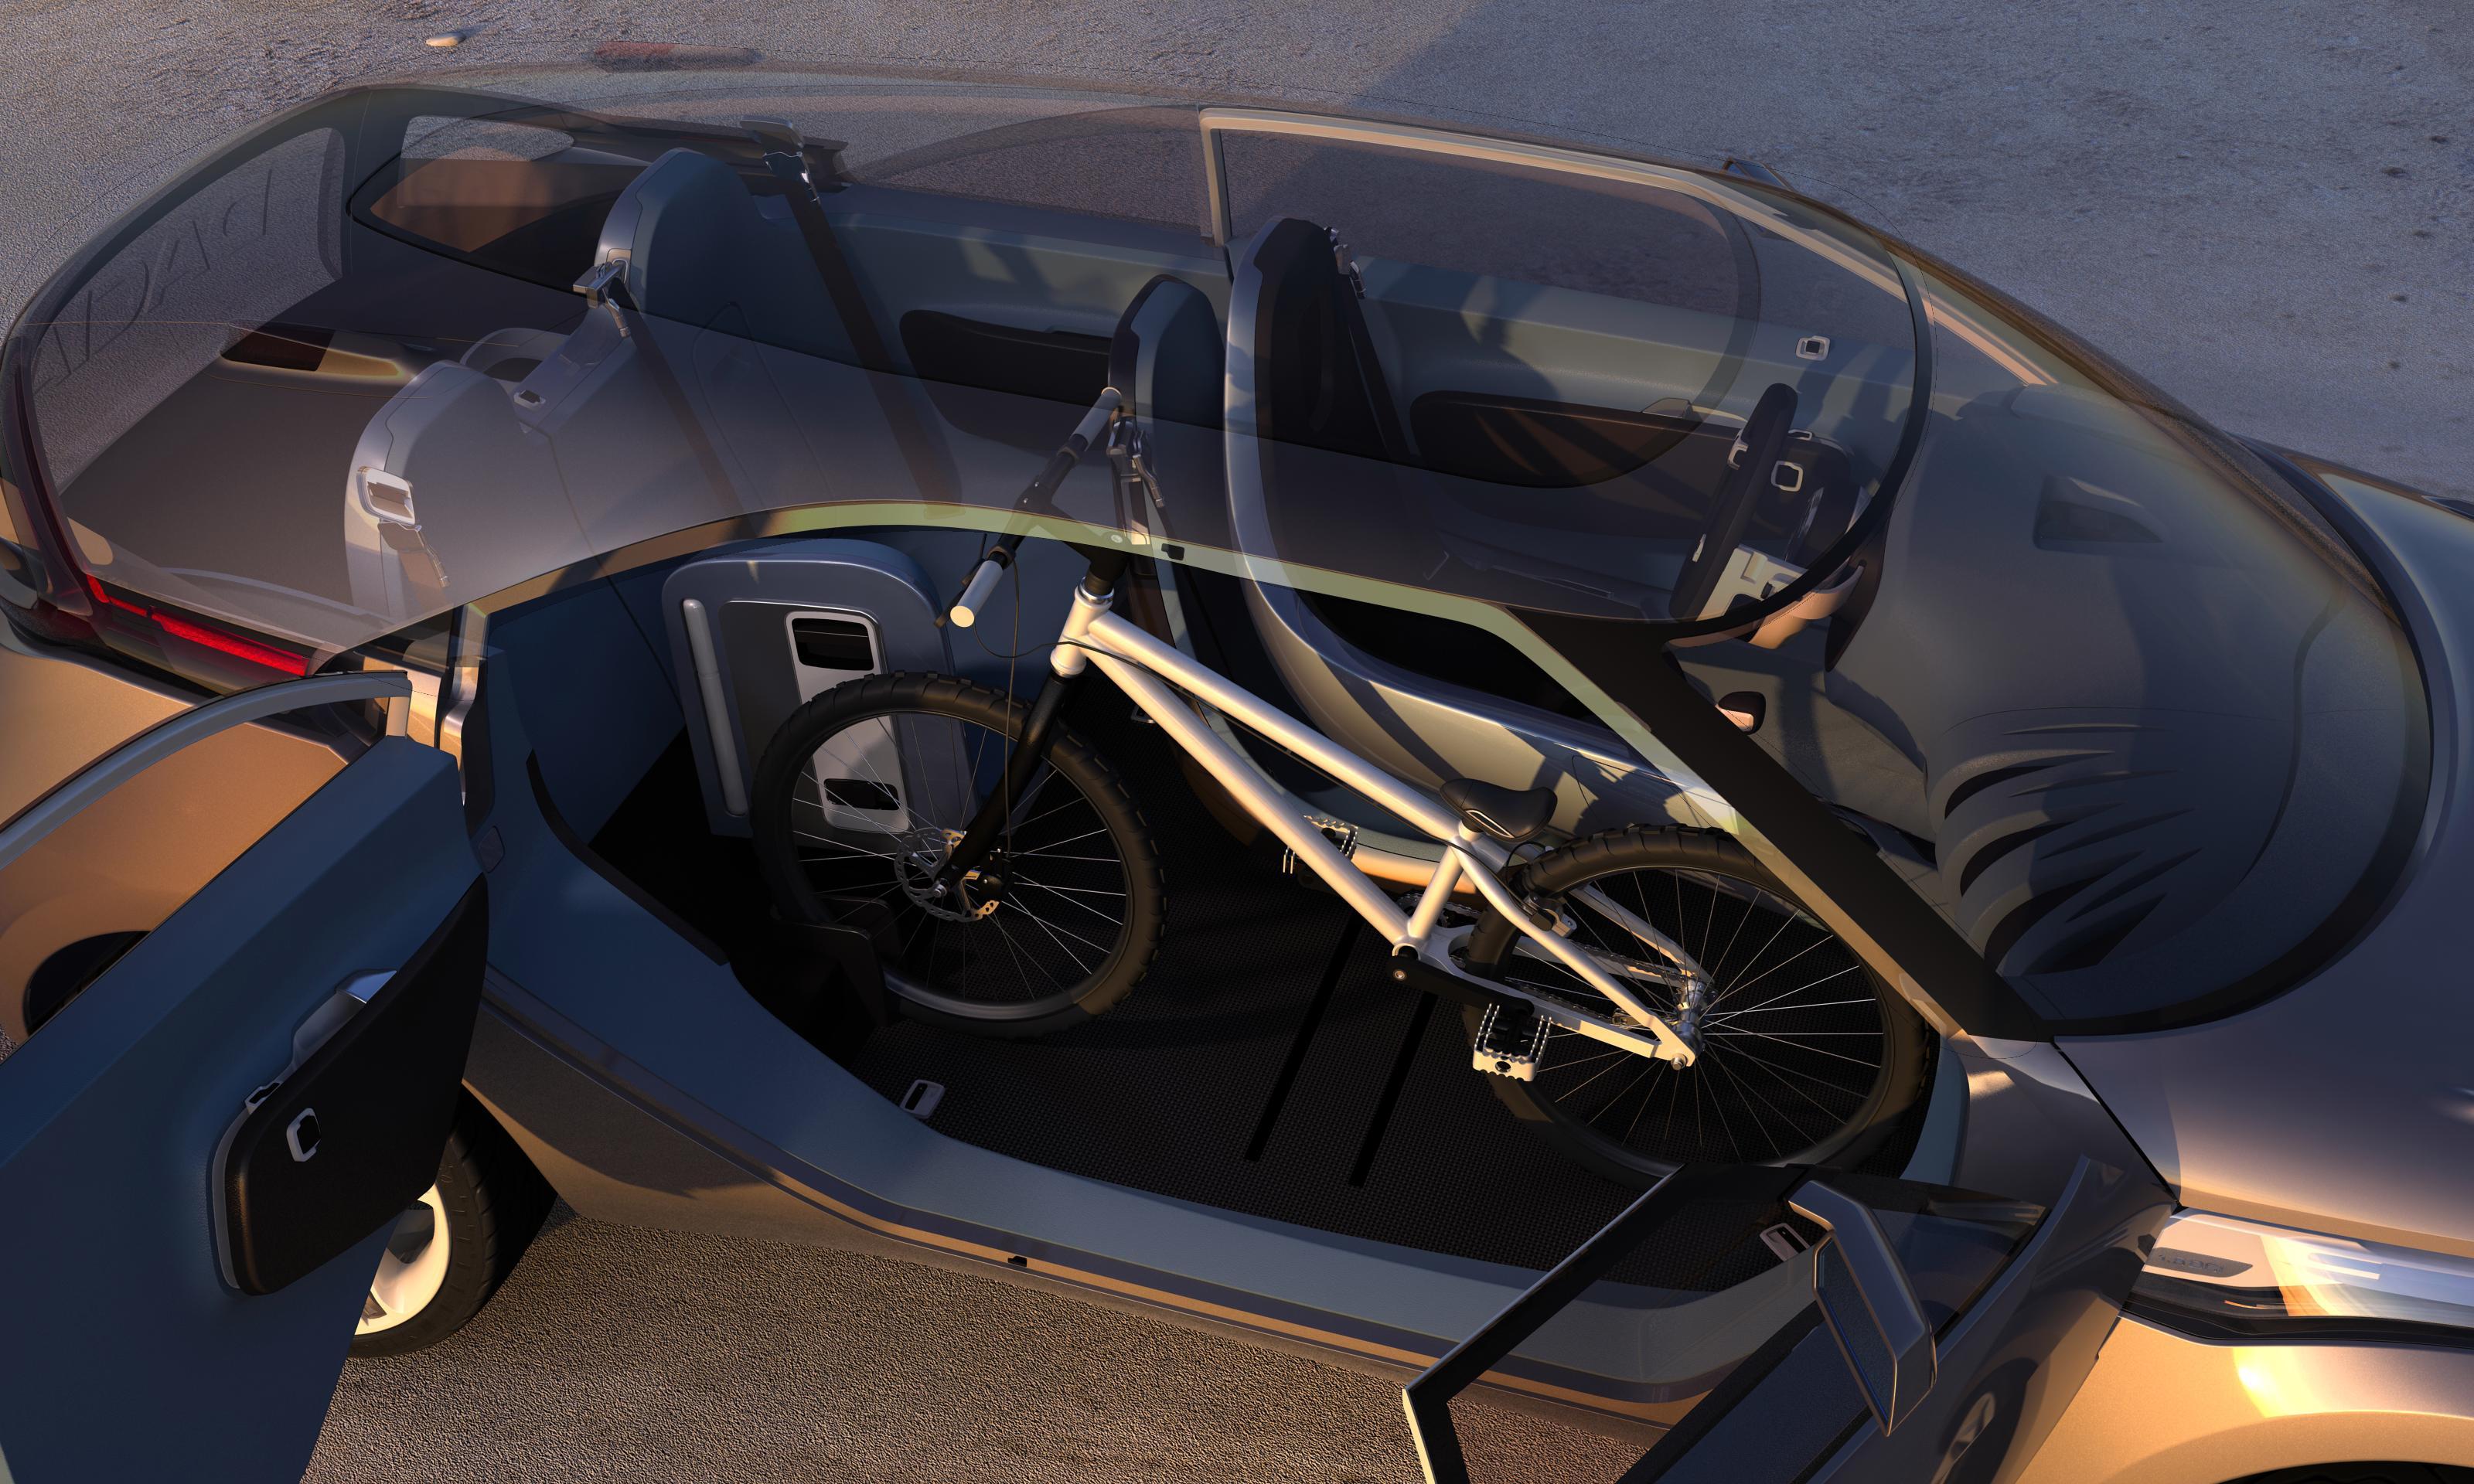 Dacia Duster Crossover Concept – очень много фотографий в высоком разрешении - фотография №1